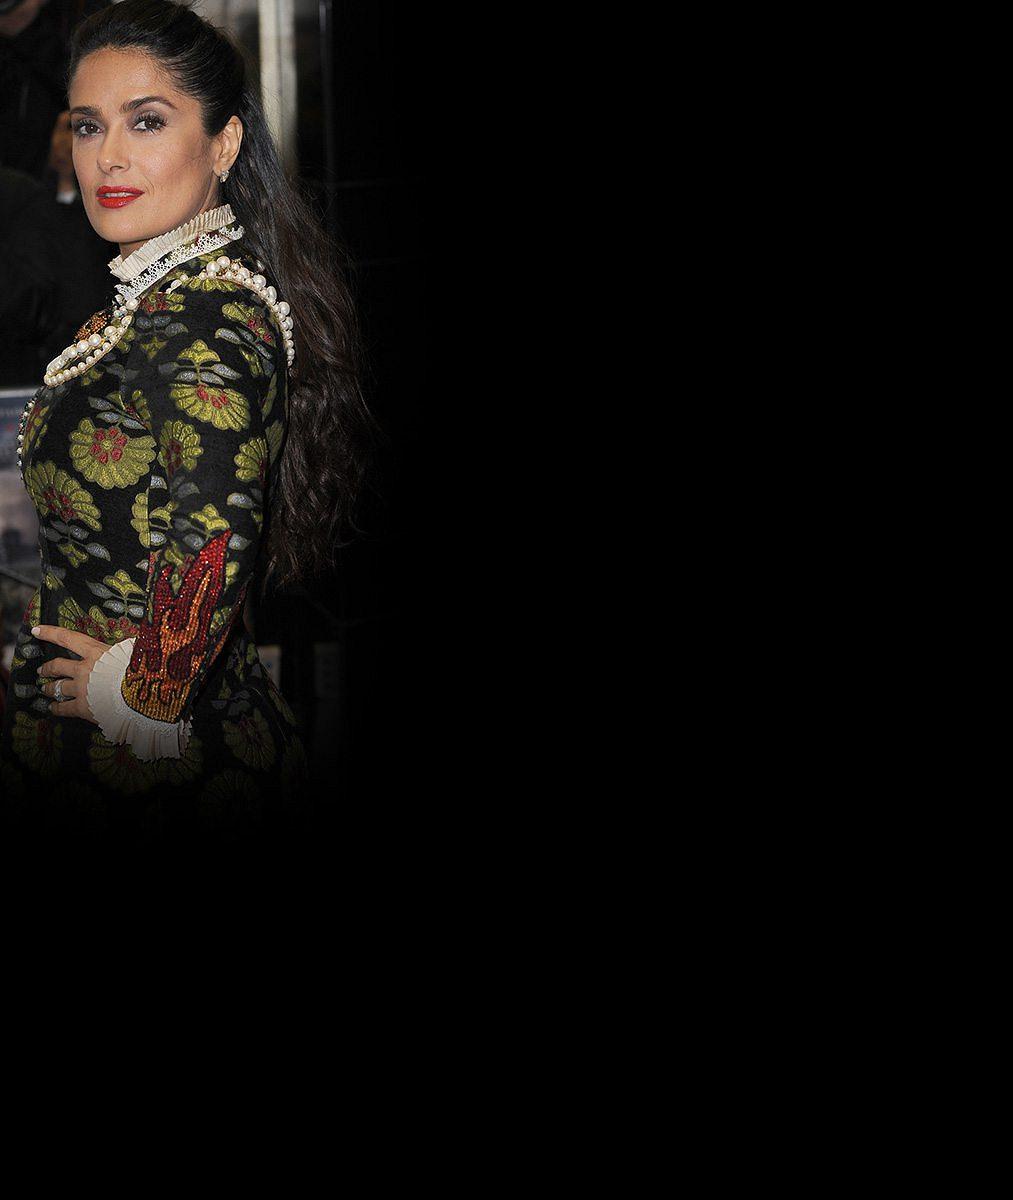 Salma Hayek si výběrem šatů přidala dvacet let. Snad poprvé vypadala na svůj věk